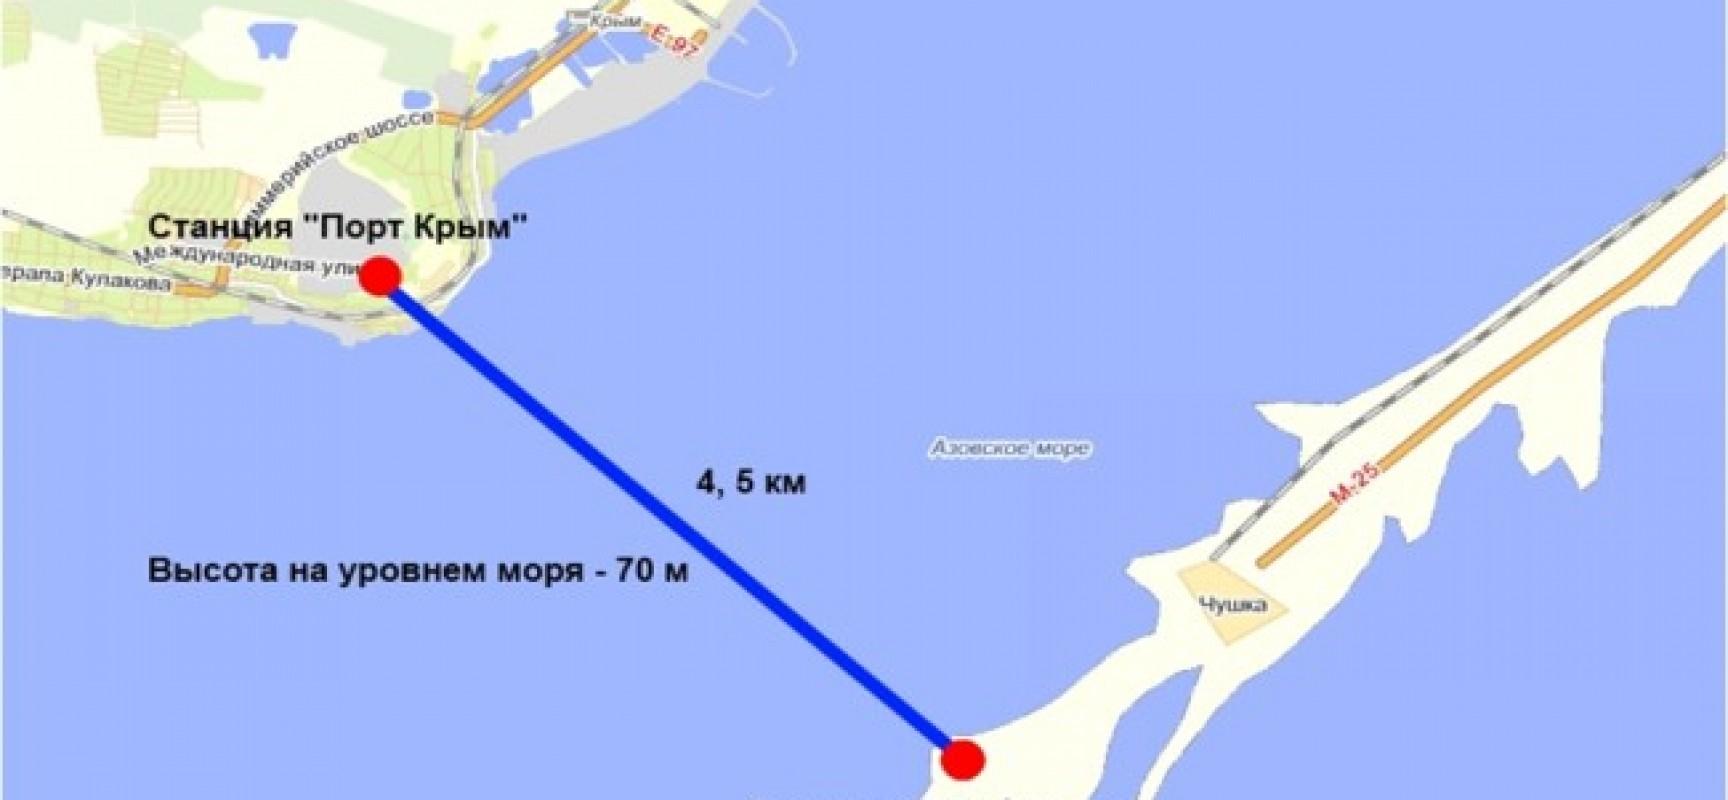 ТПП Крыма предлагает рассмотреть вопрос строительства канатной дороги через Керченский пролив